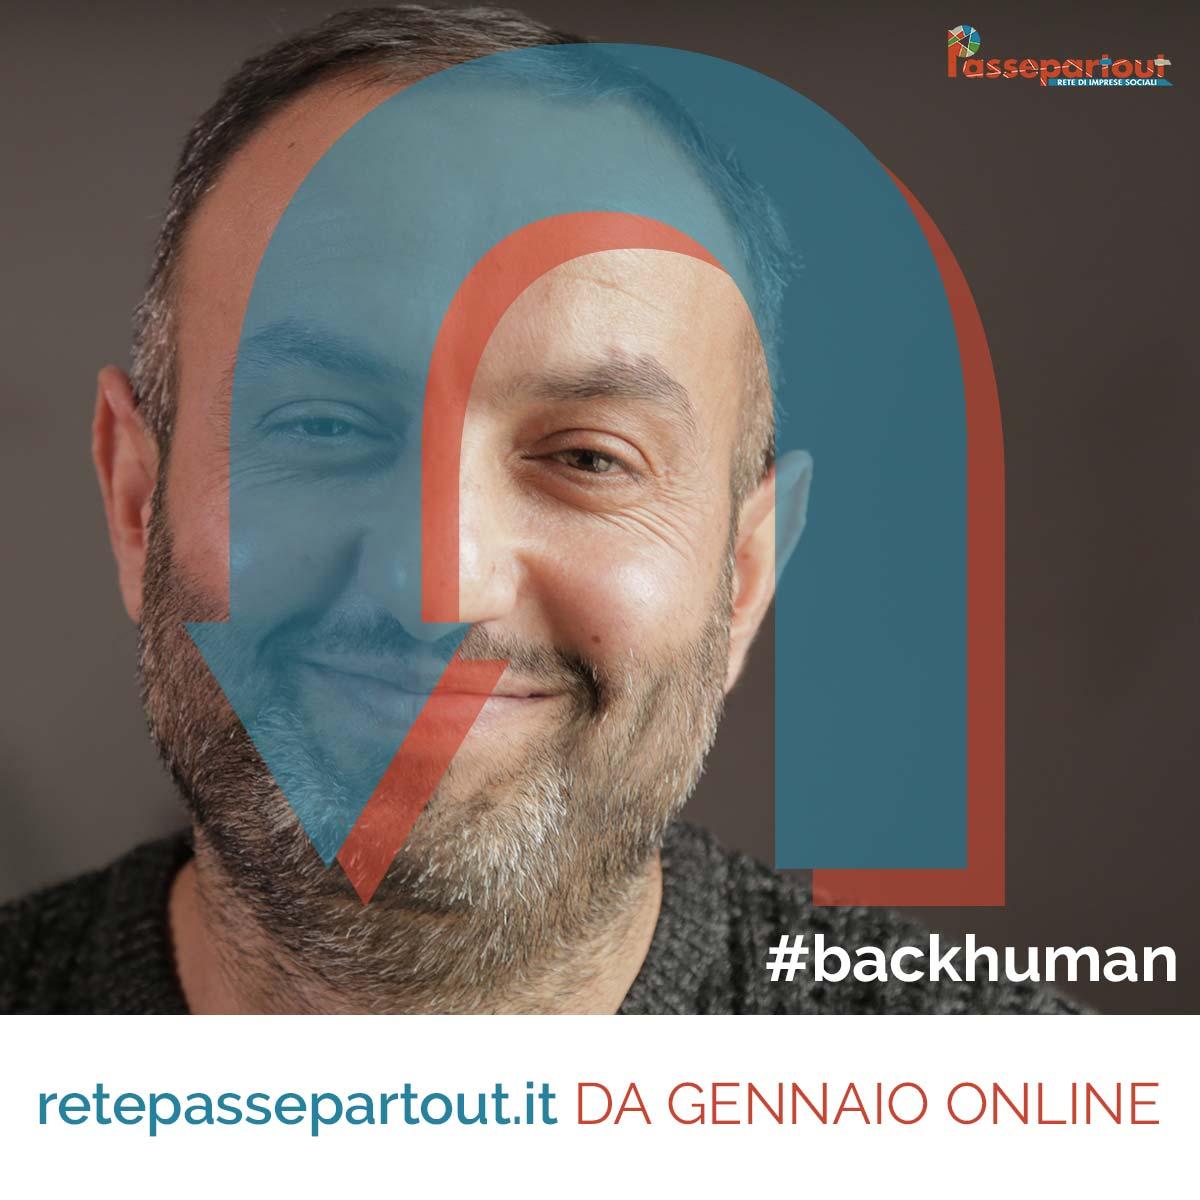 Passepartout_teaser-3